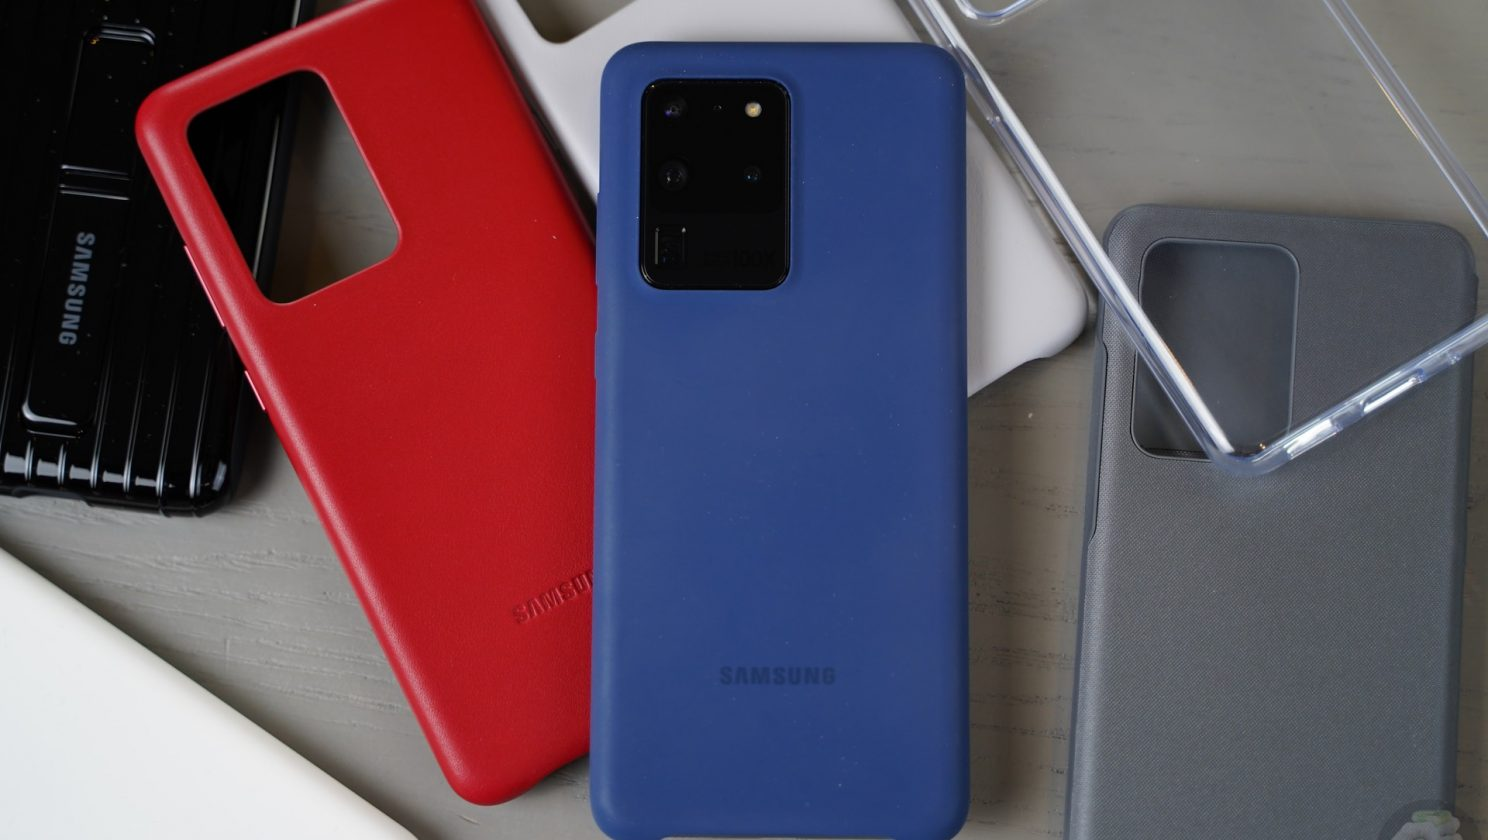 Samsung Galaxy S20 Ultra 5